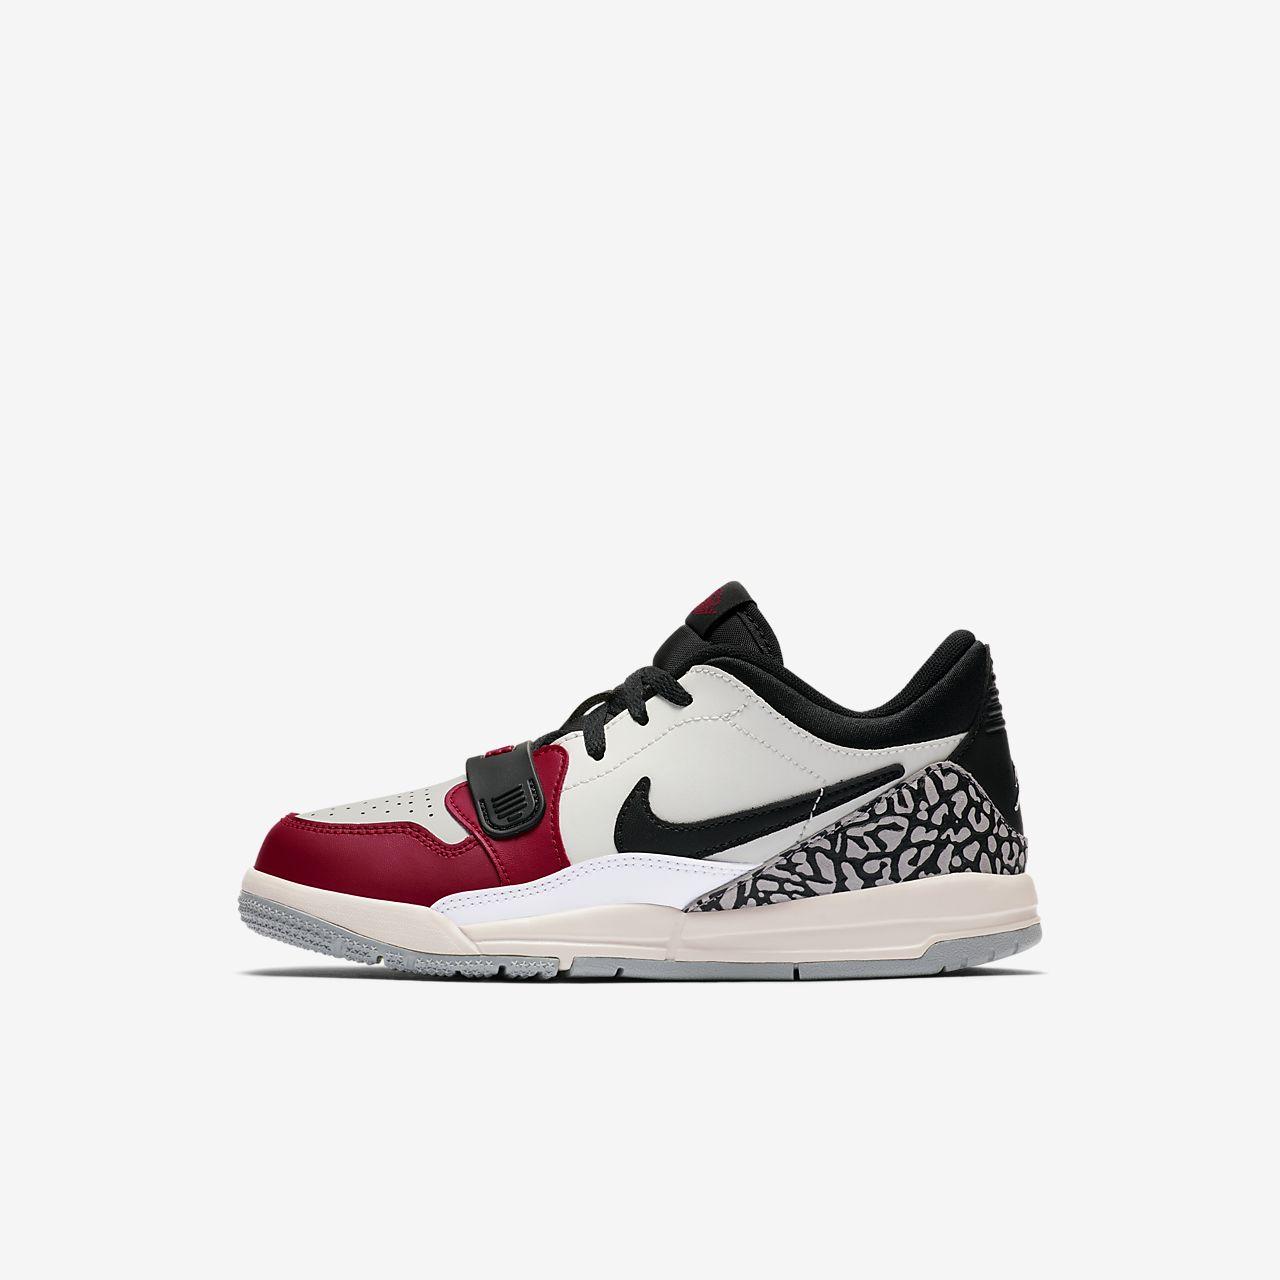 Buty dla małych dzieci Air Jordan Legacy 312 Low